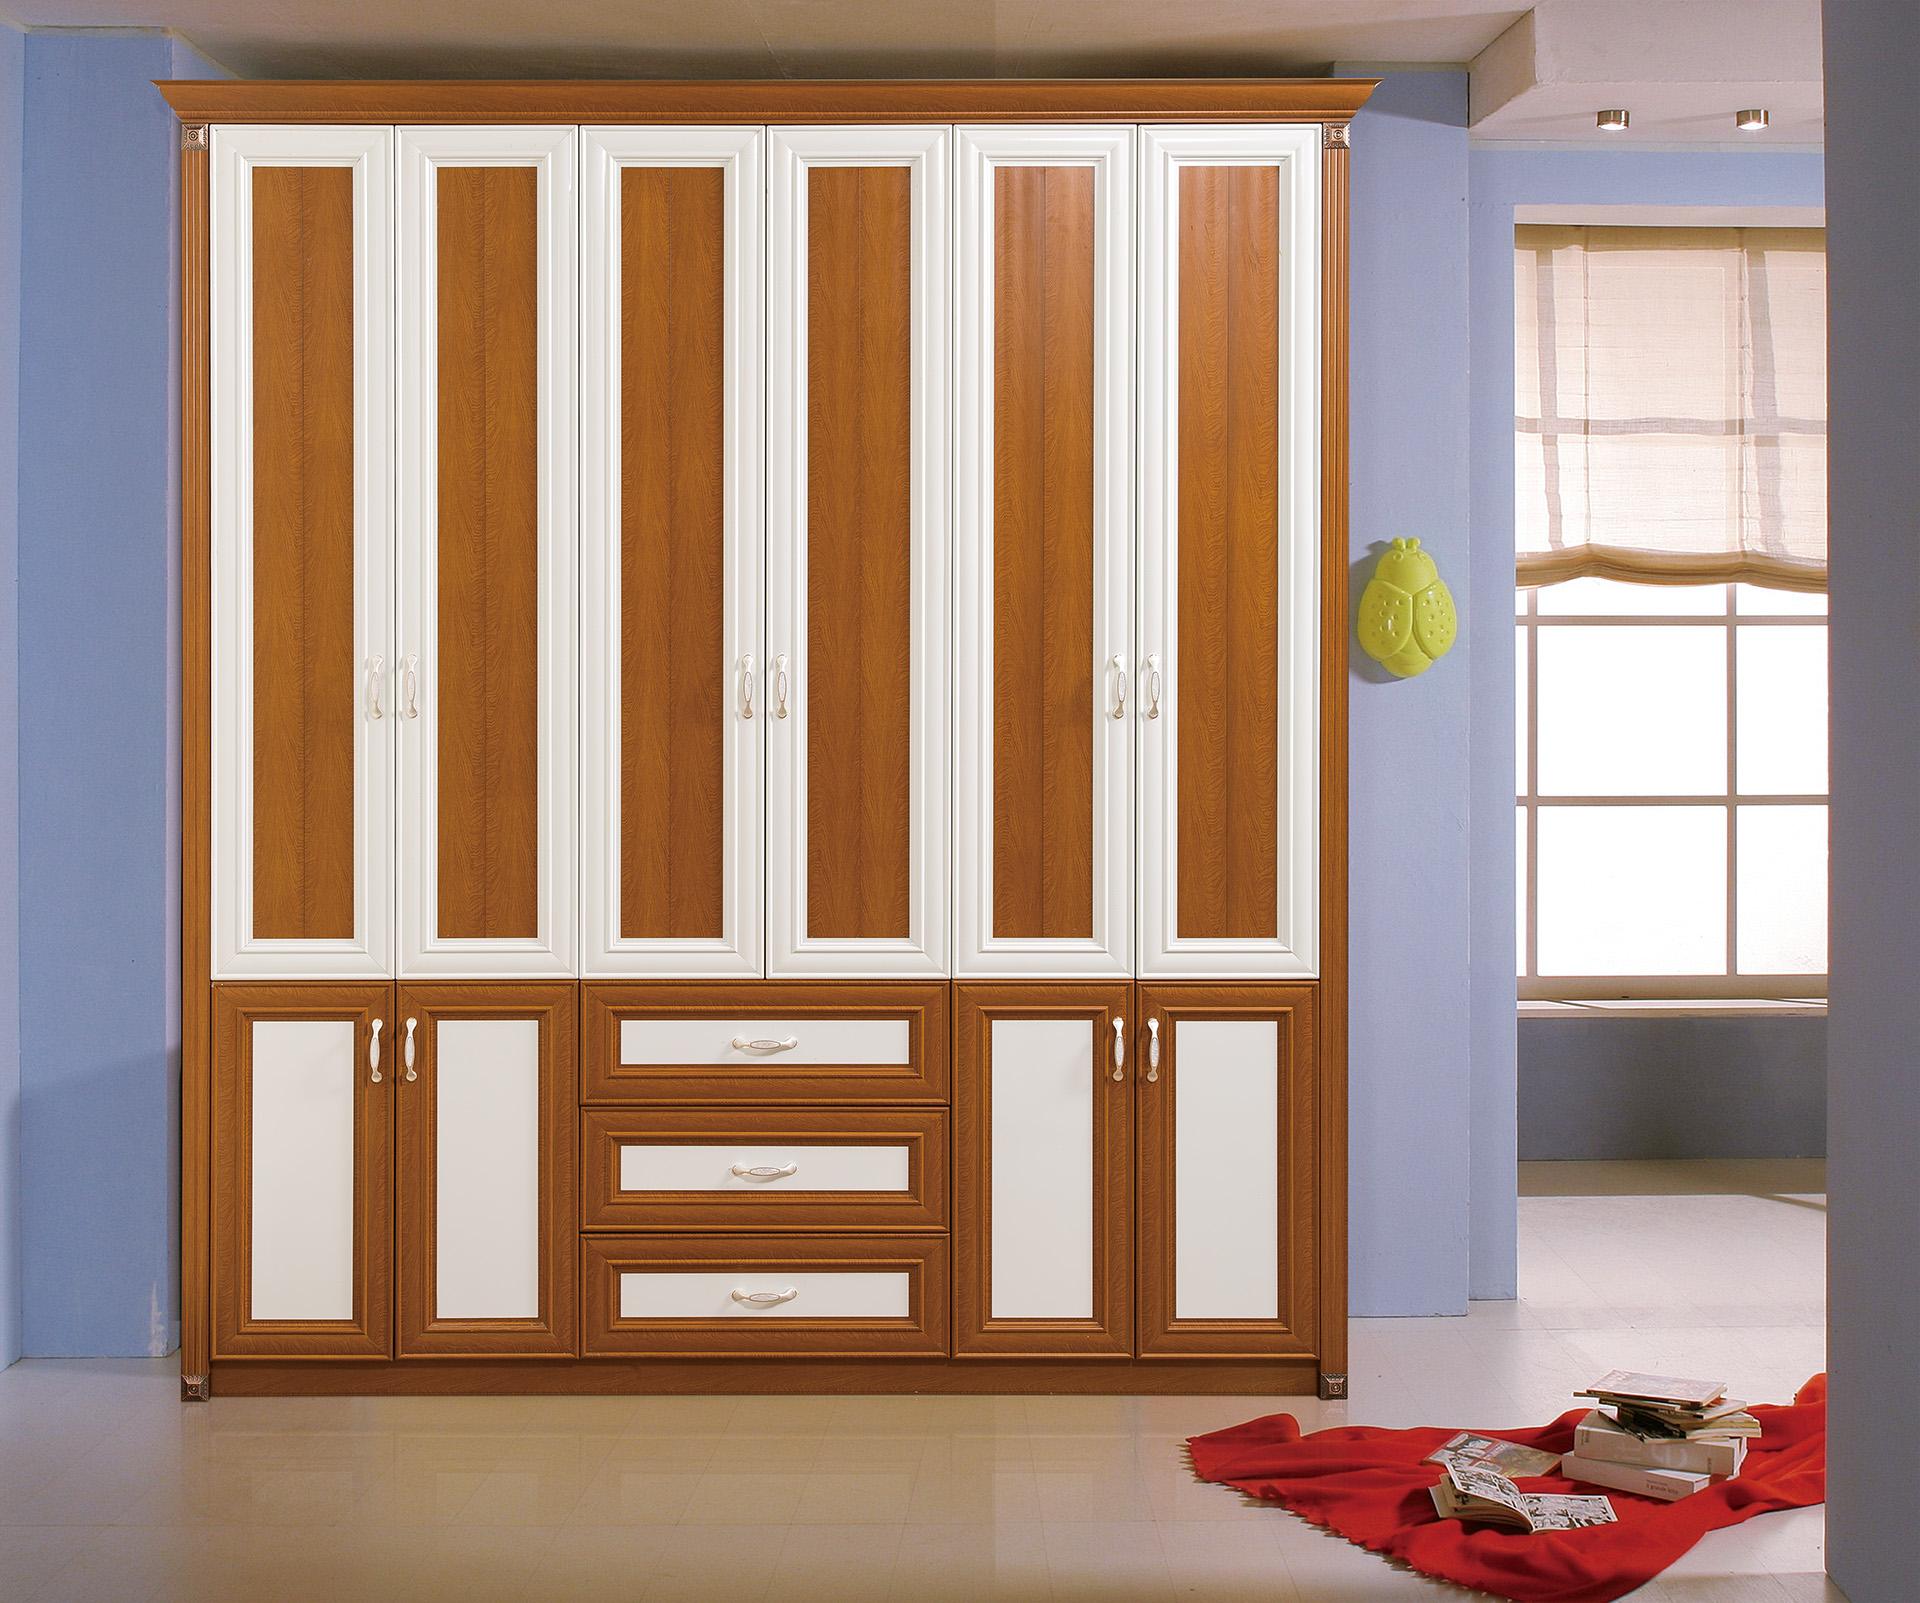 你知道这种全铝衣柜吗?